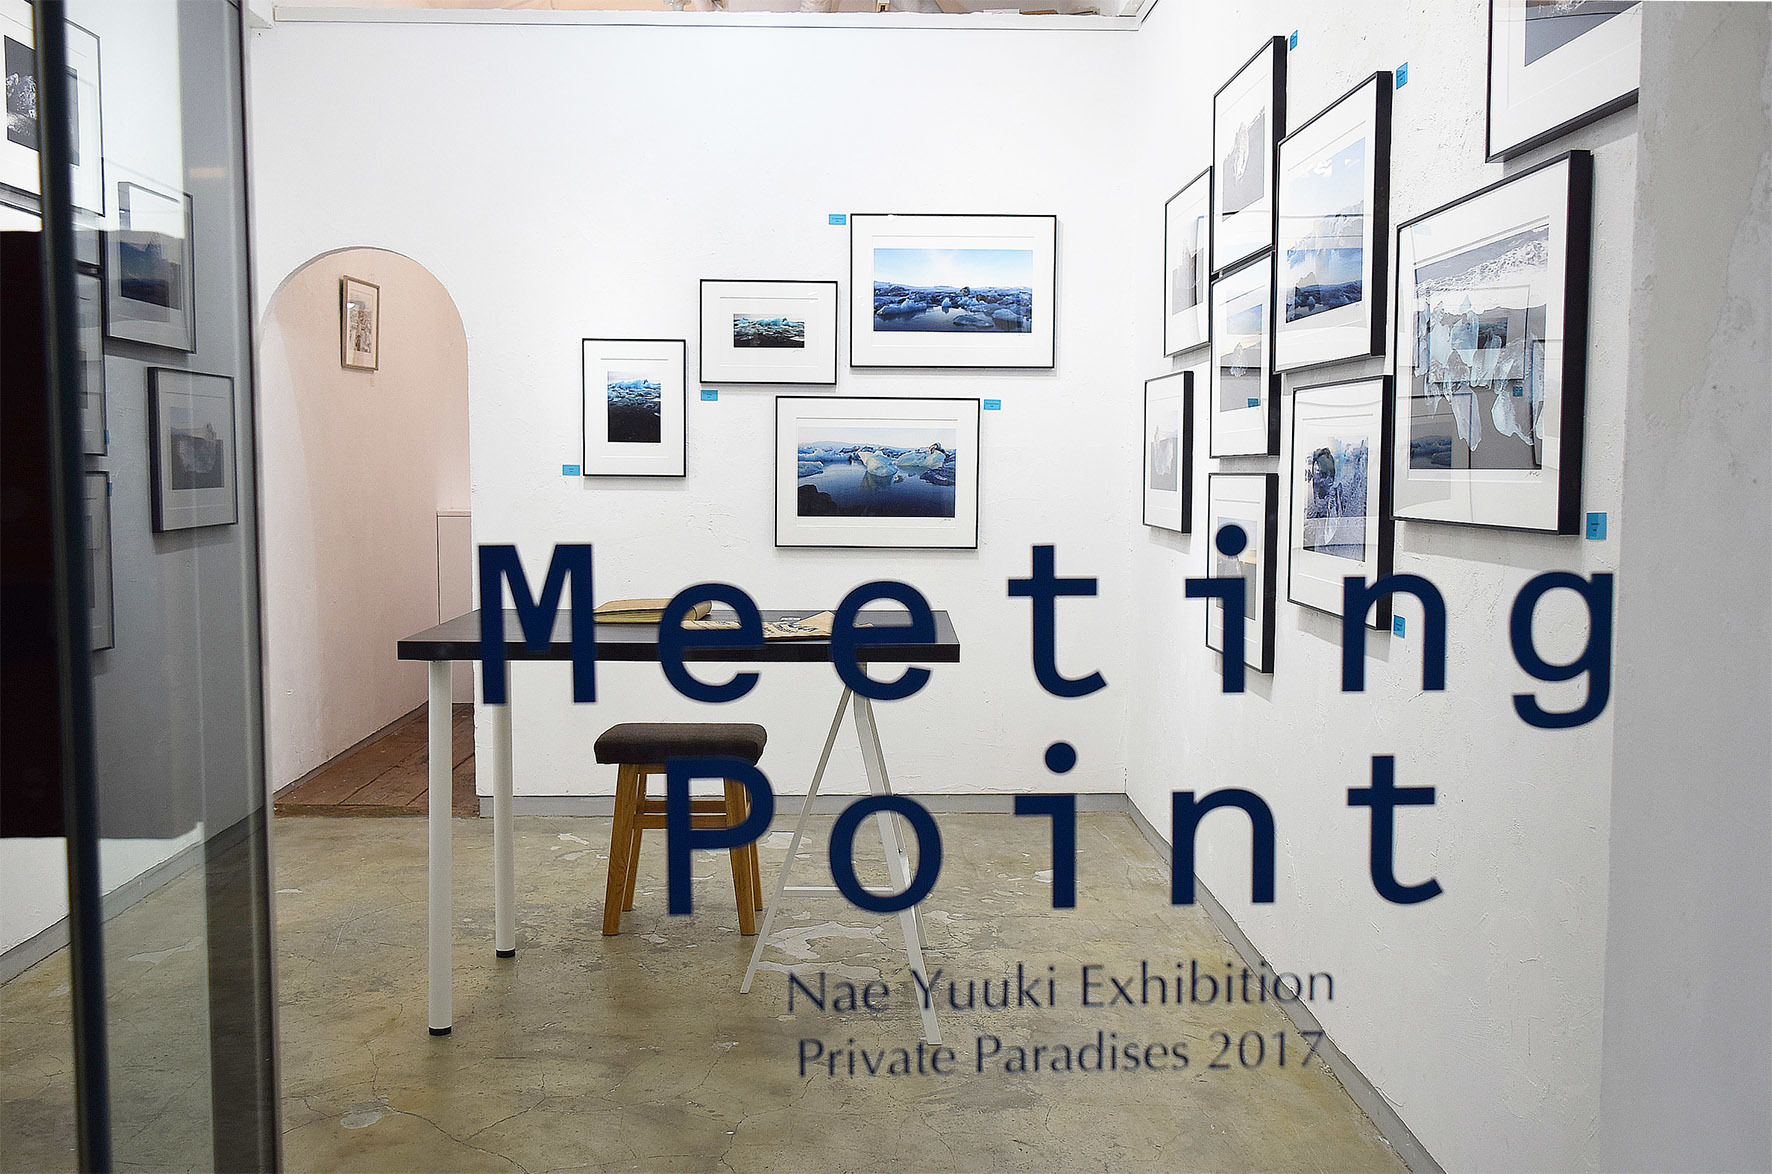 裕木奈江 作品展 Meeting Point [Private Paradises 2017ミーティングポイント] 1日目_e0272050_14491700.jpg